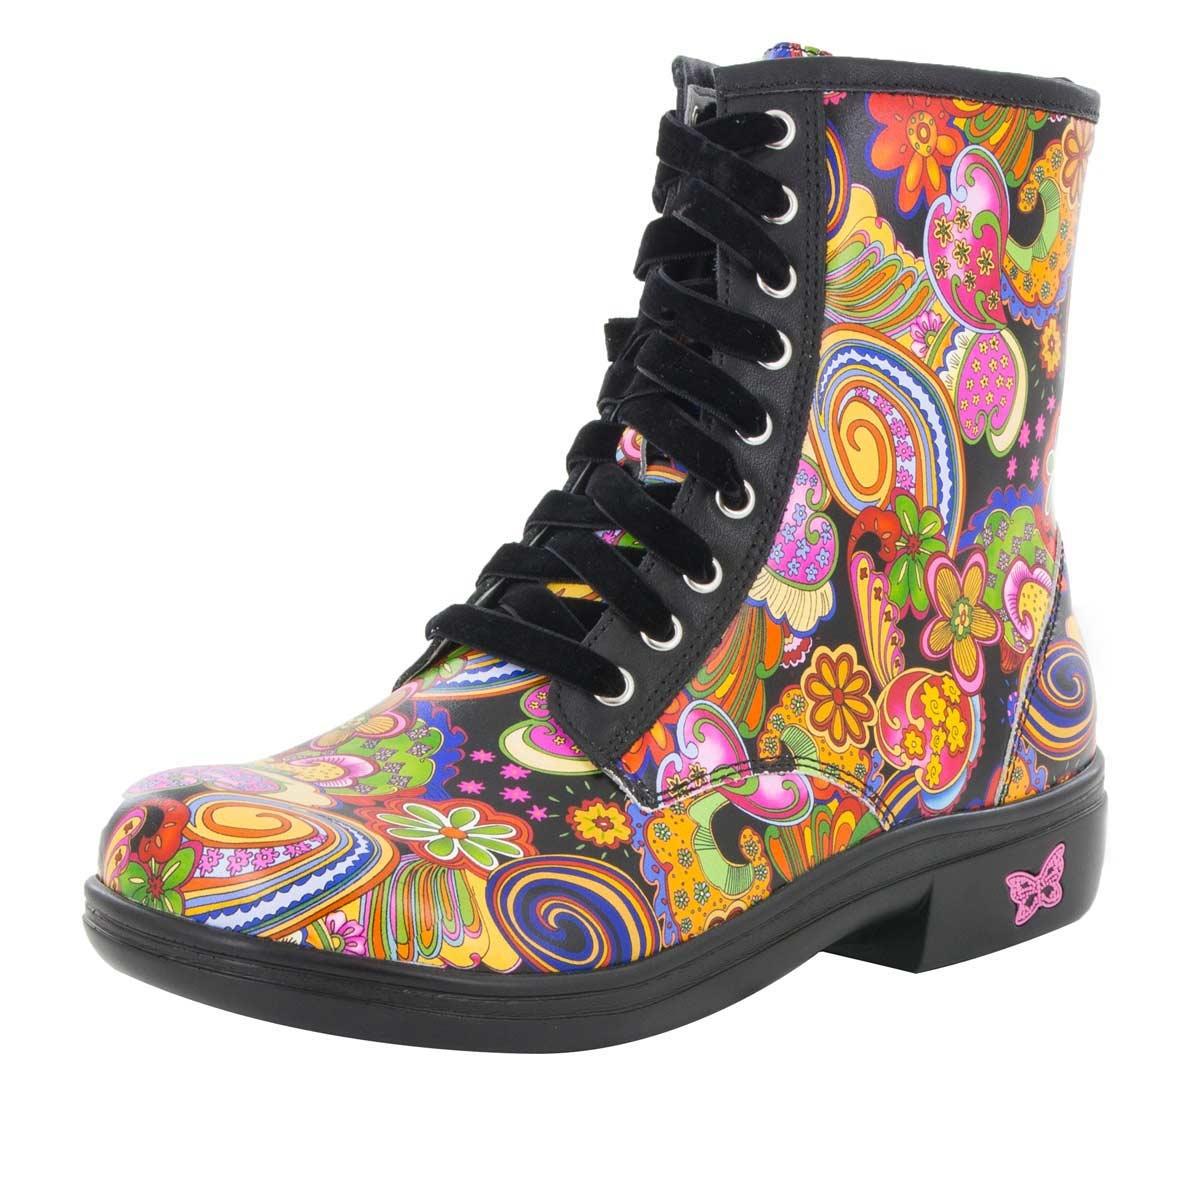 Alegria Shoes Ari Laugh In